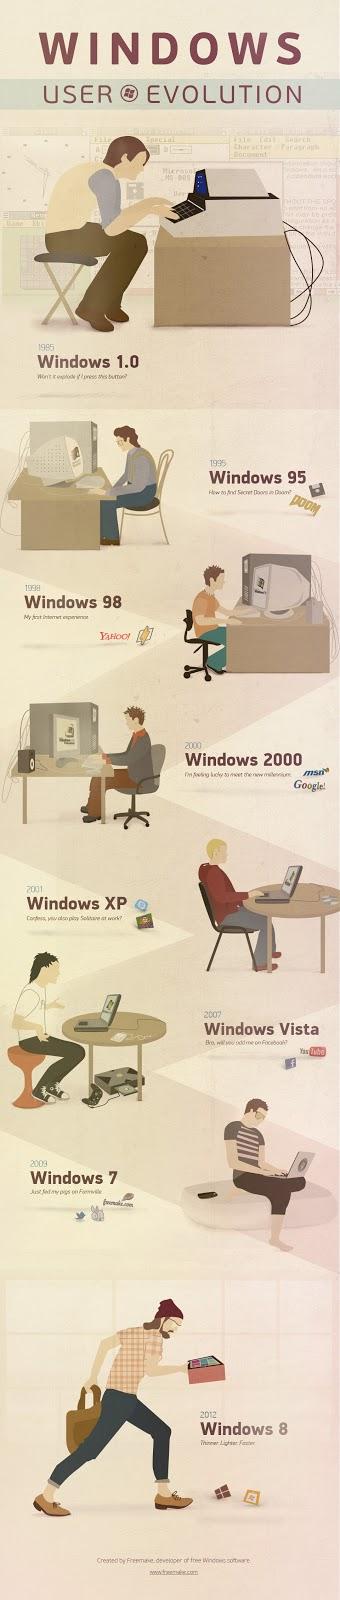 Evolusi Sistem Operasi Windows